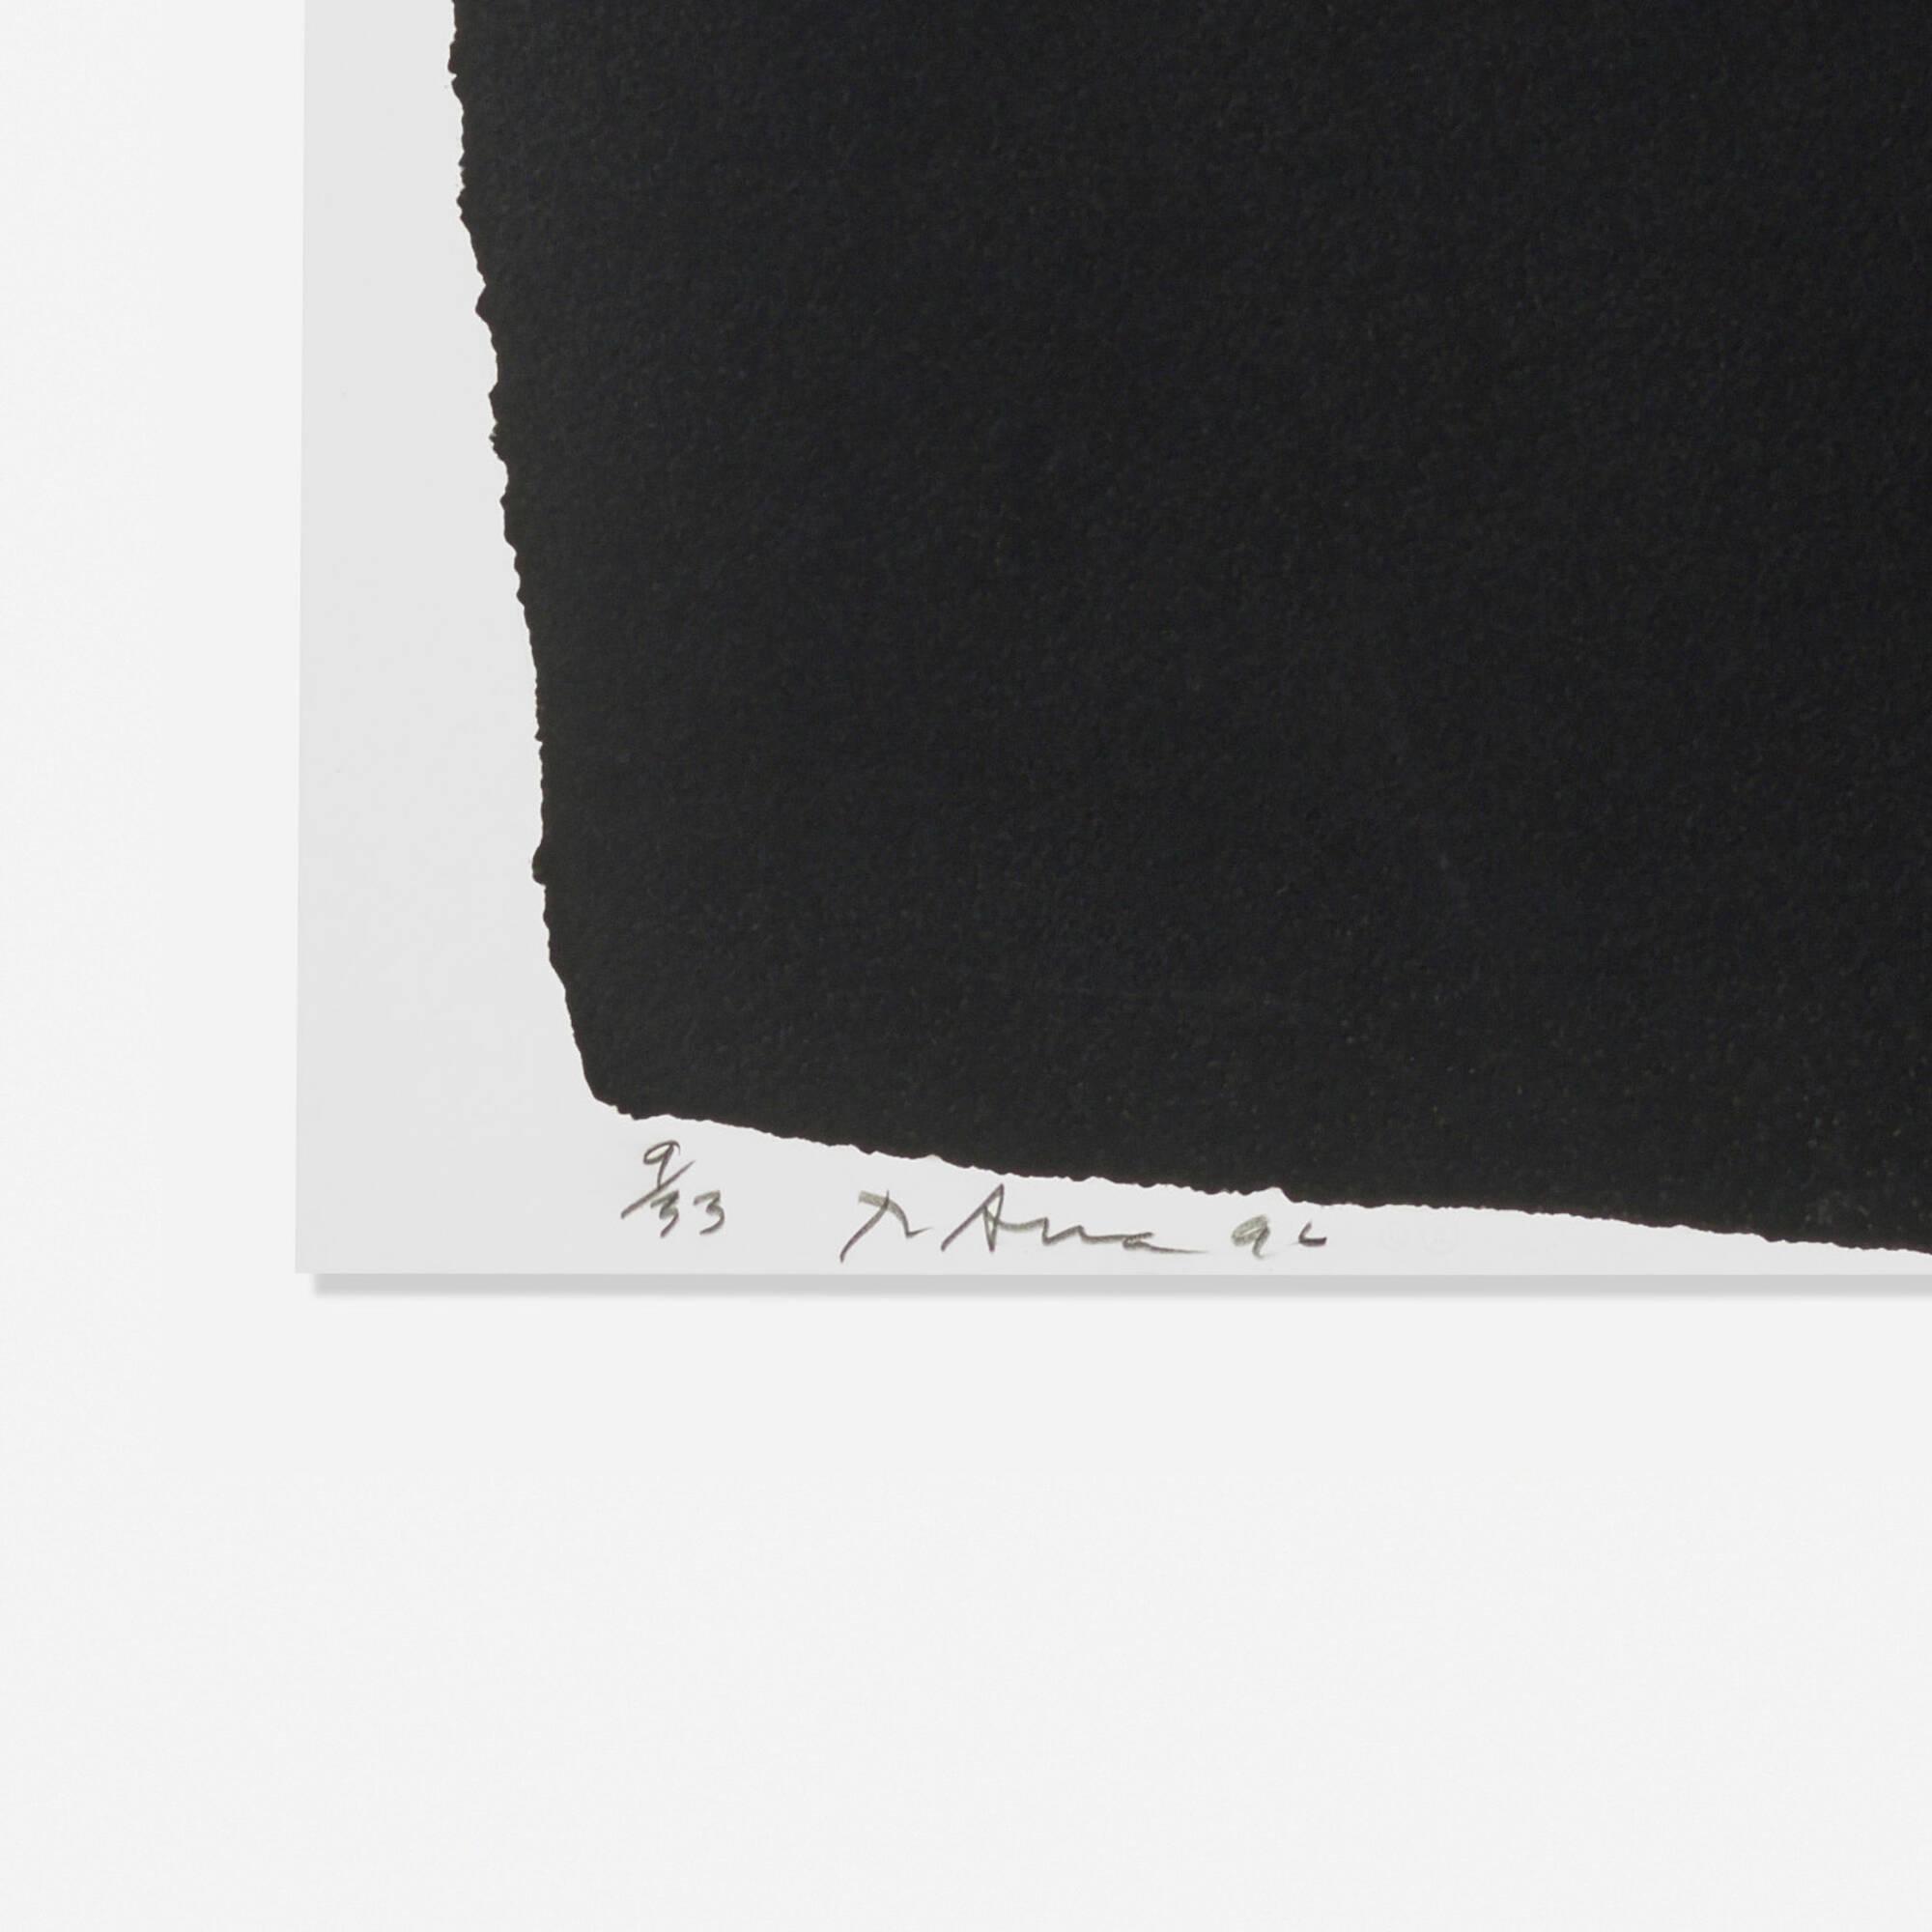 137: Richard Serra / Finkl Forge II (2 of 2)